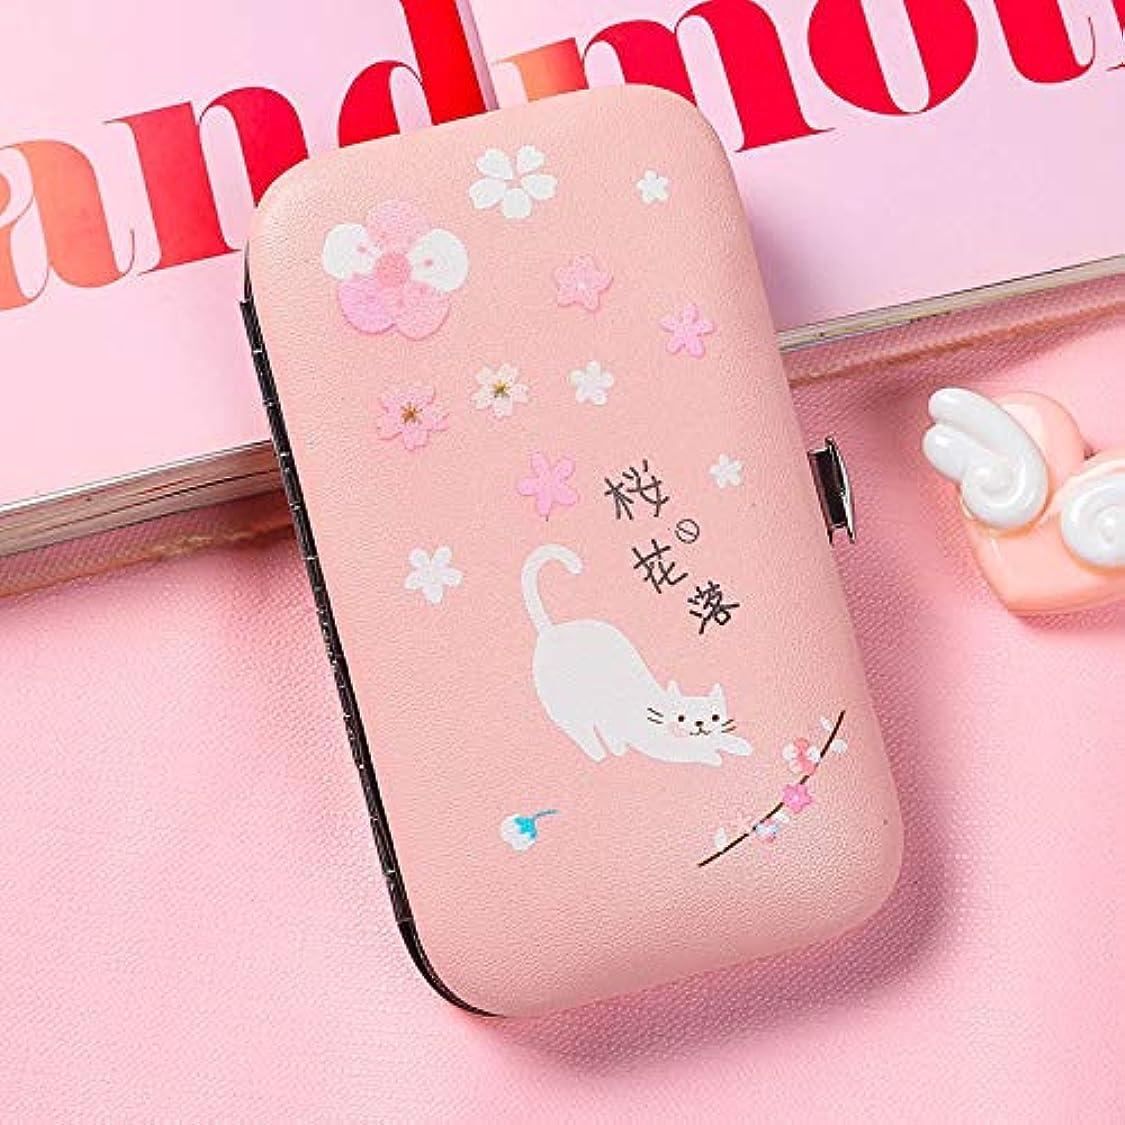 謝罪するブラインドテセウス新鮮な爪の創造的な小さなはさみ6ピースセット大人の学生のための爪ツール女の子のためのピンクの爪カッター